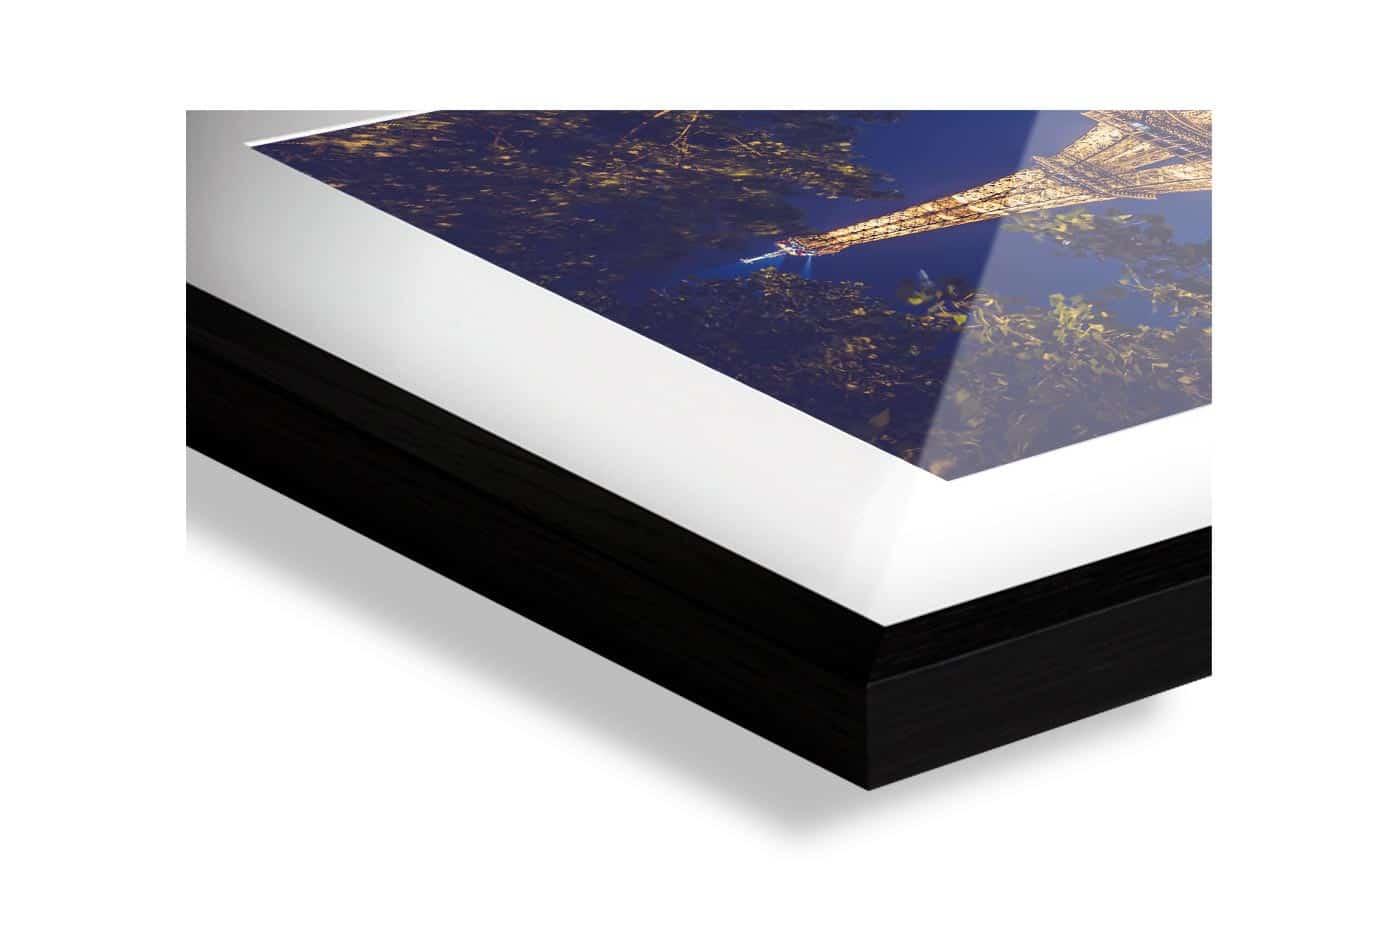 Profil cadre galerie Paris 22H34